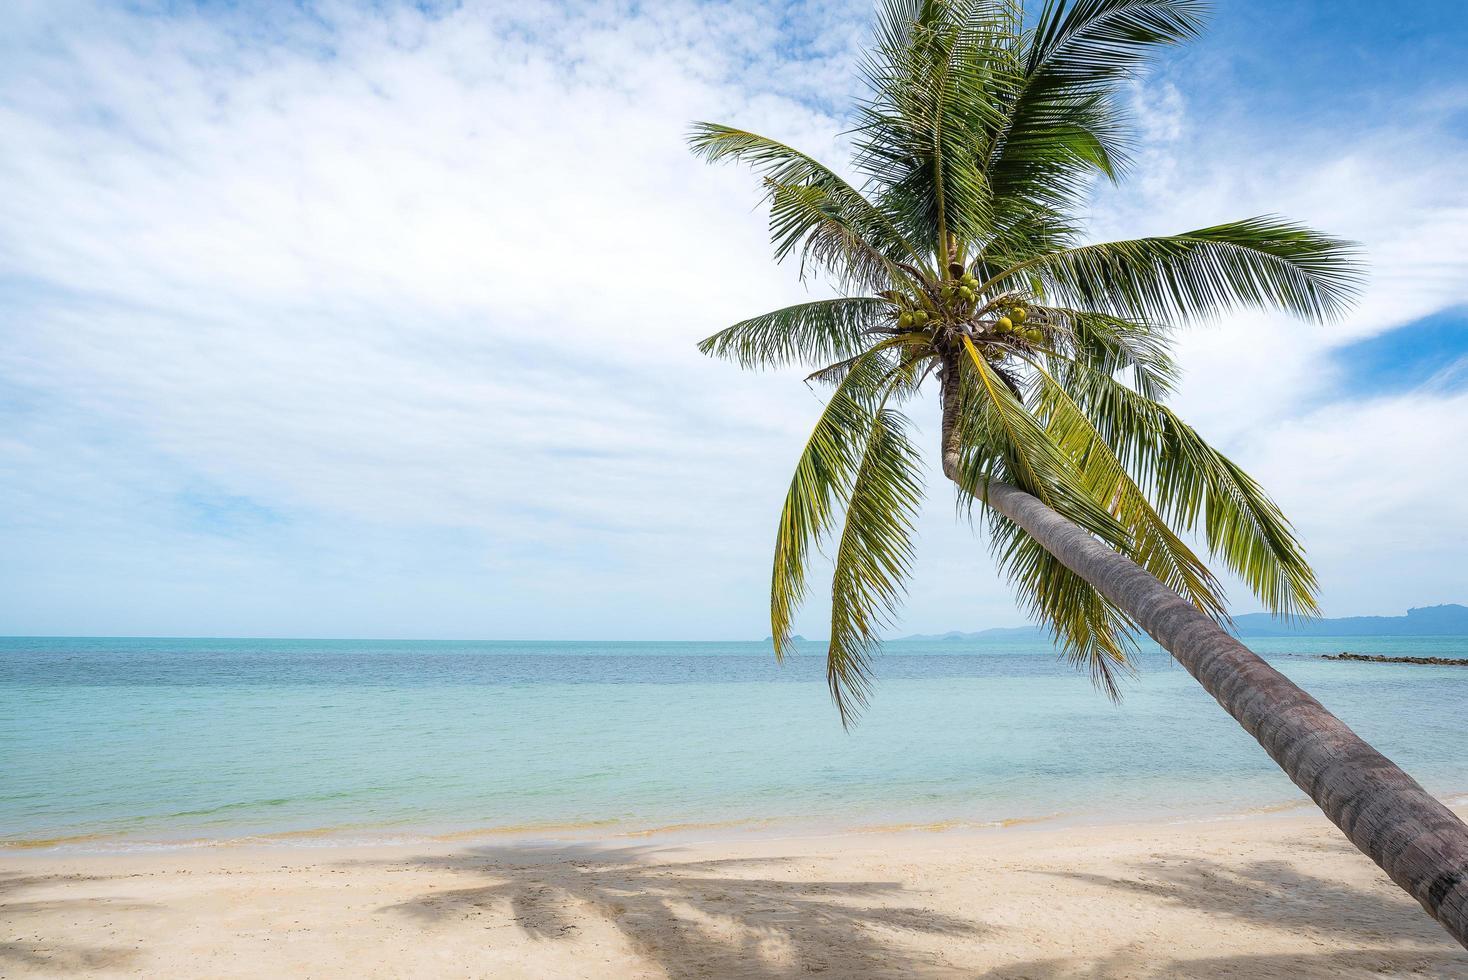 palma sulla spiaggia tropicale foto